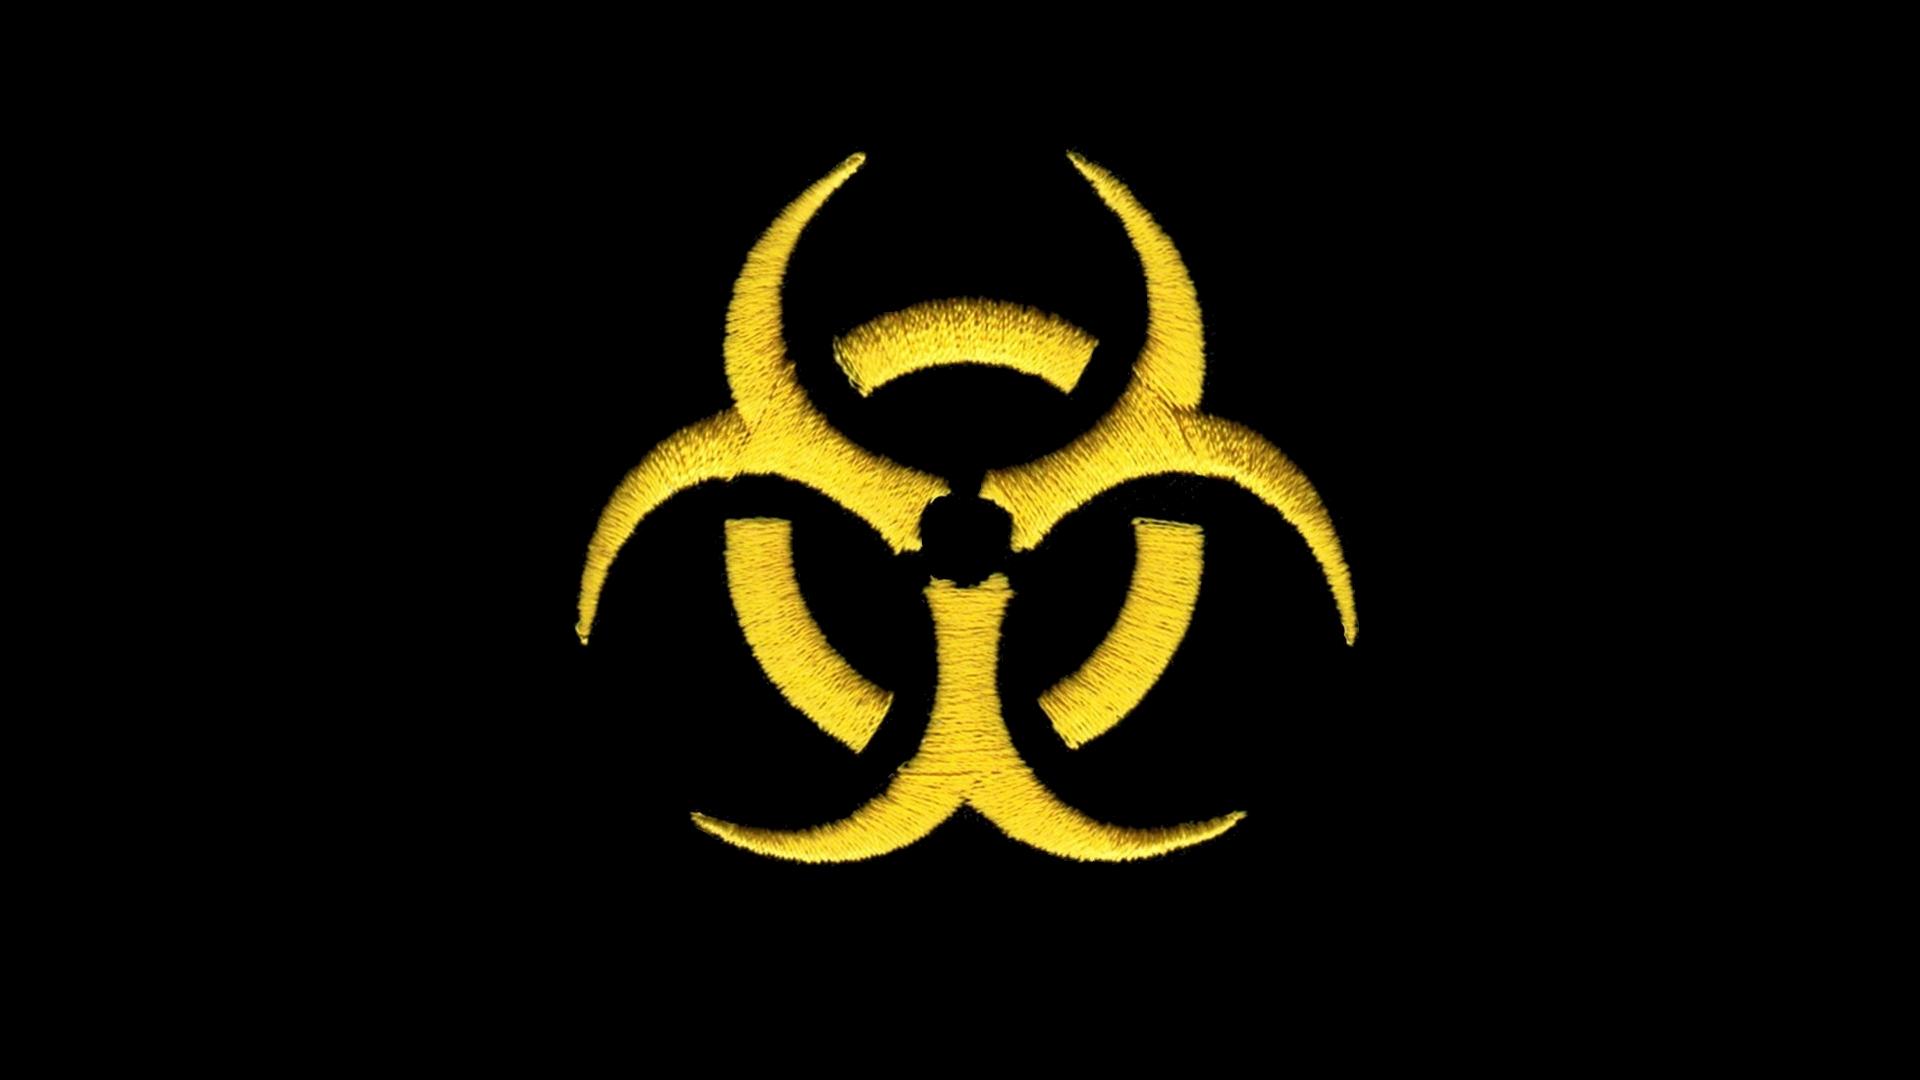 biohazard computer wallpapers desktop backgrounds